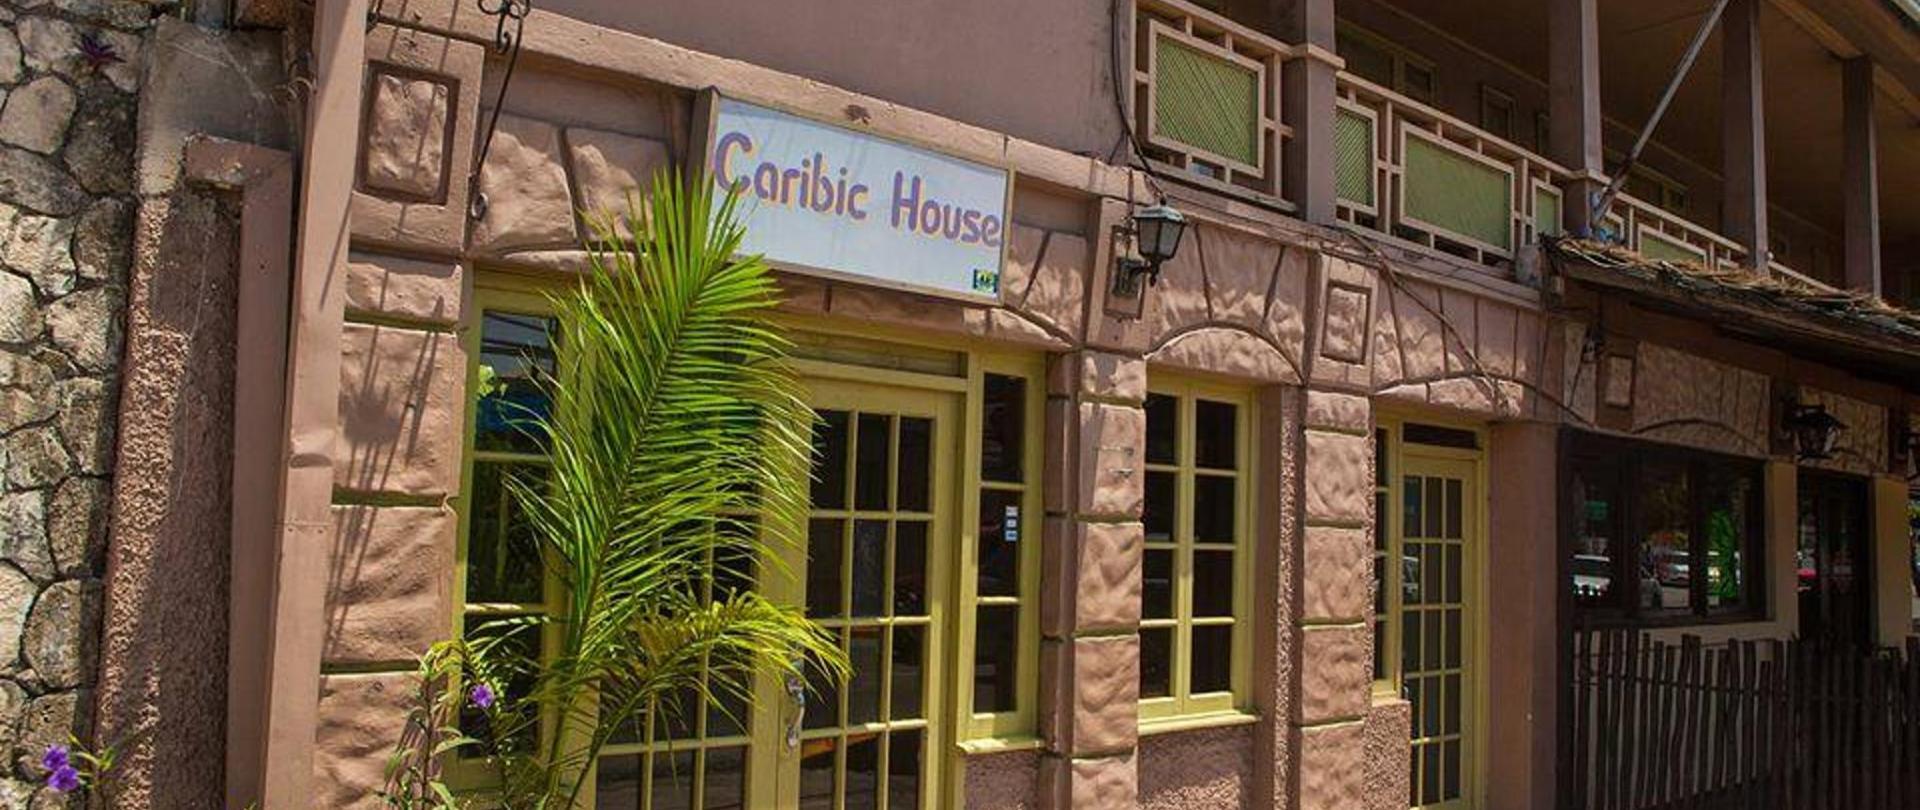 caribichouseexternalpic.jpg